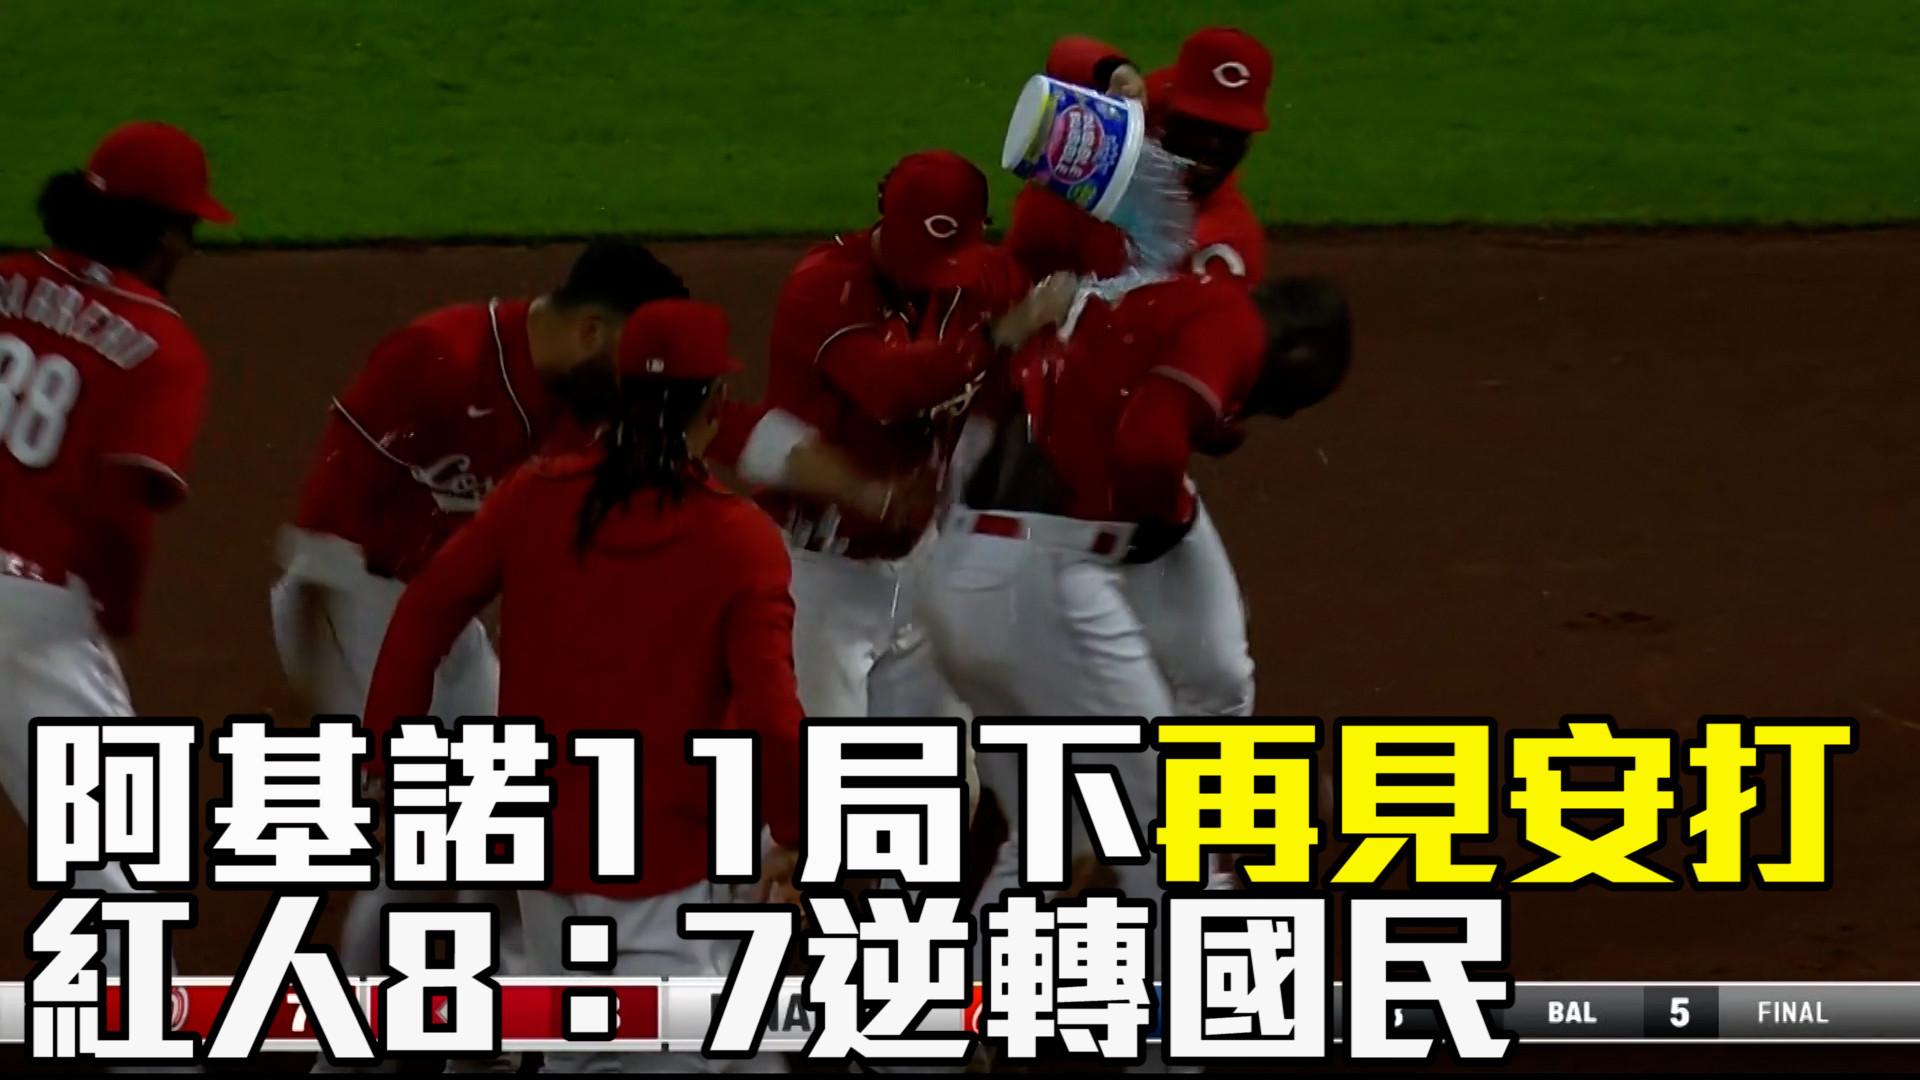 【MLB看愛爾達】阿基諾11局下再見安打 紅人逆轉國民 9/25